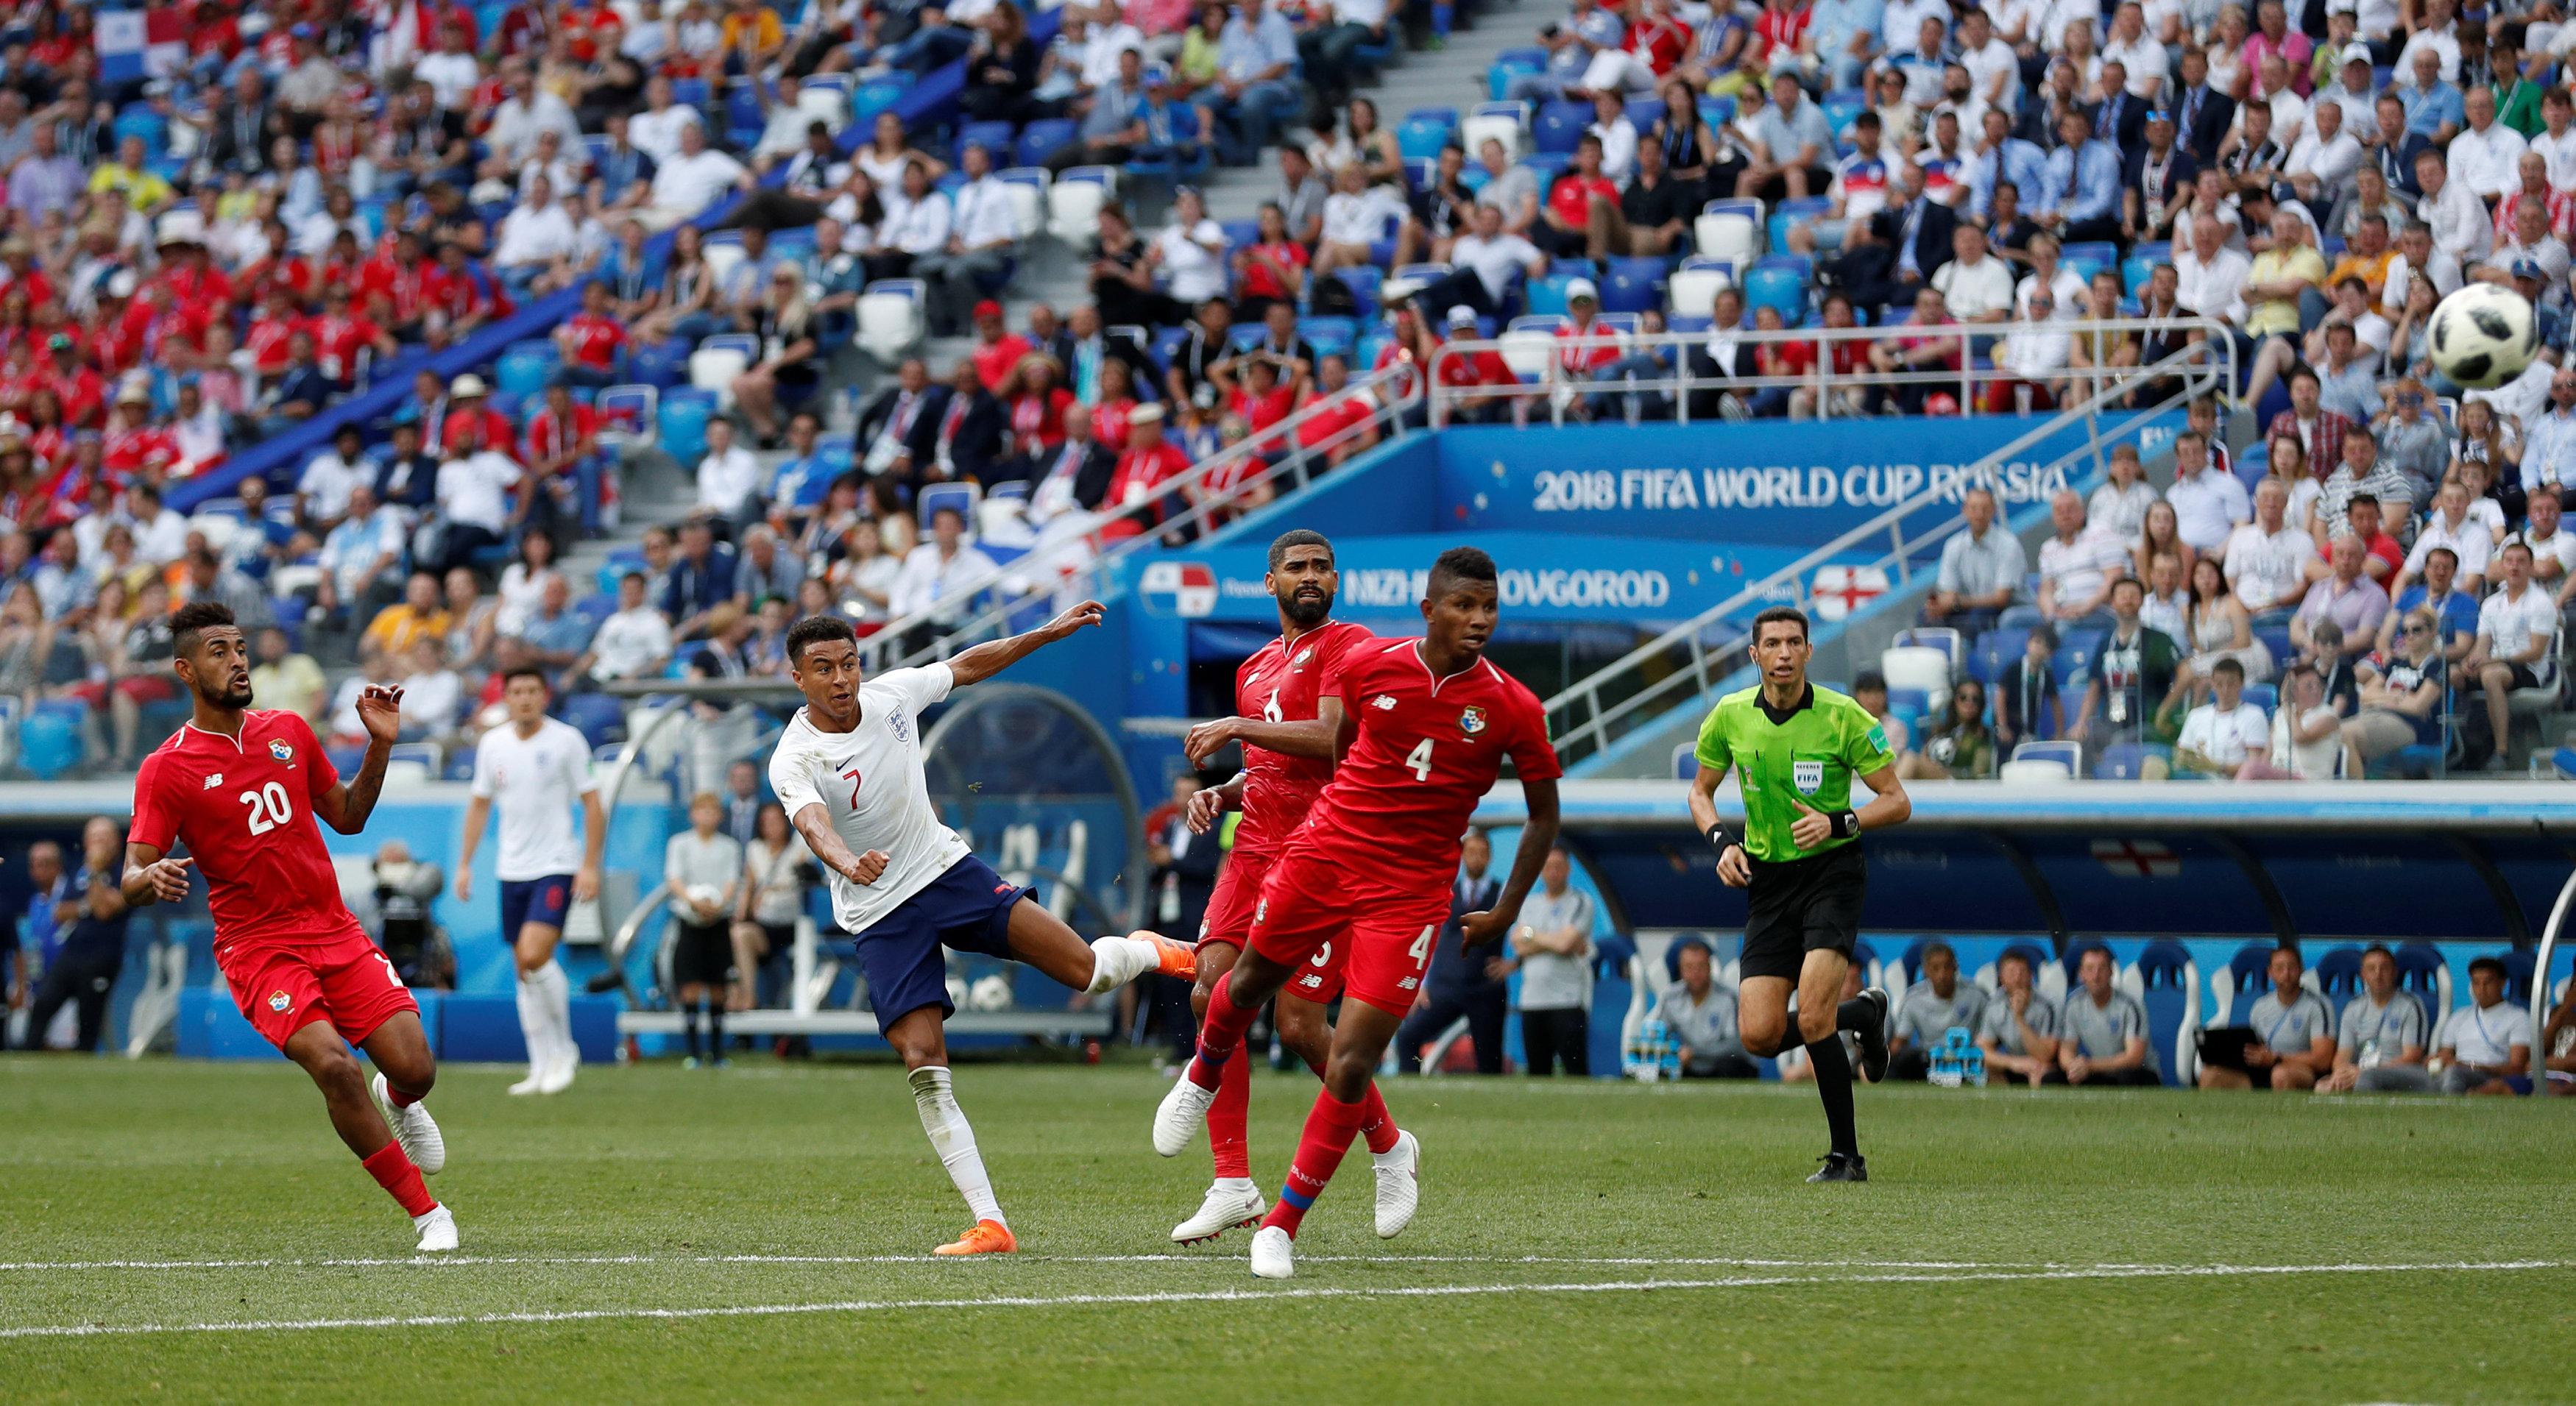 جهاد جريشة يتابع مجريات مباراة إنجلترا وبنما داخل الملعب